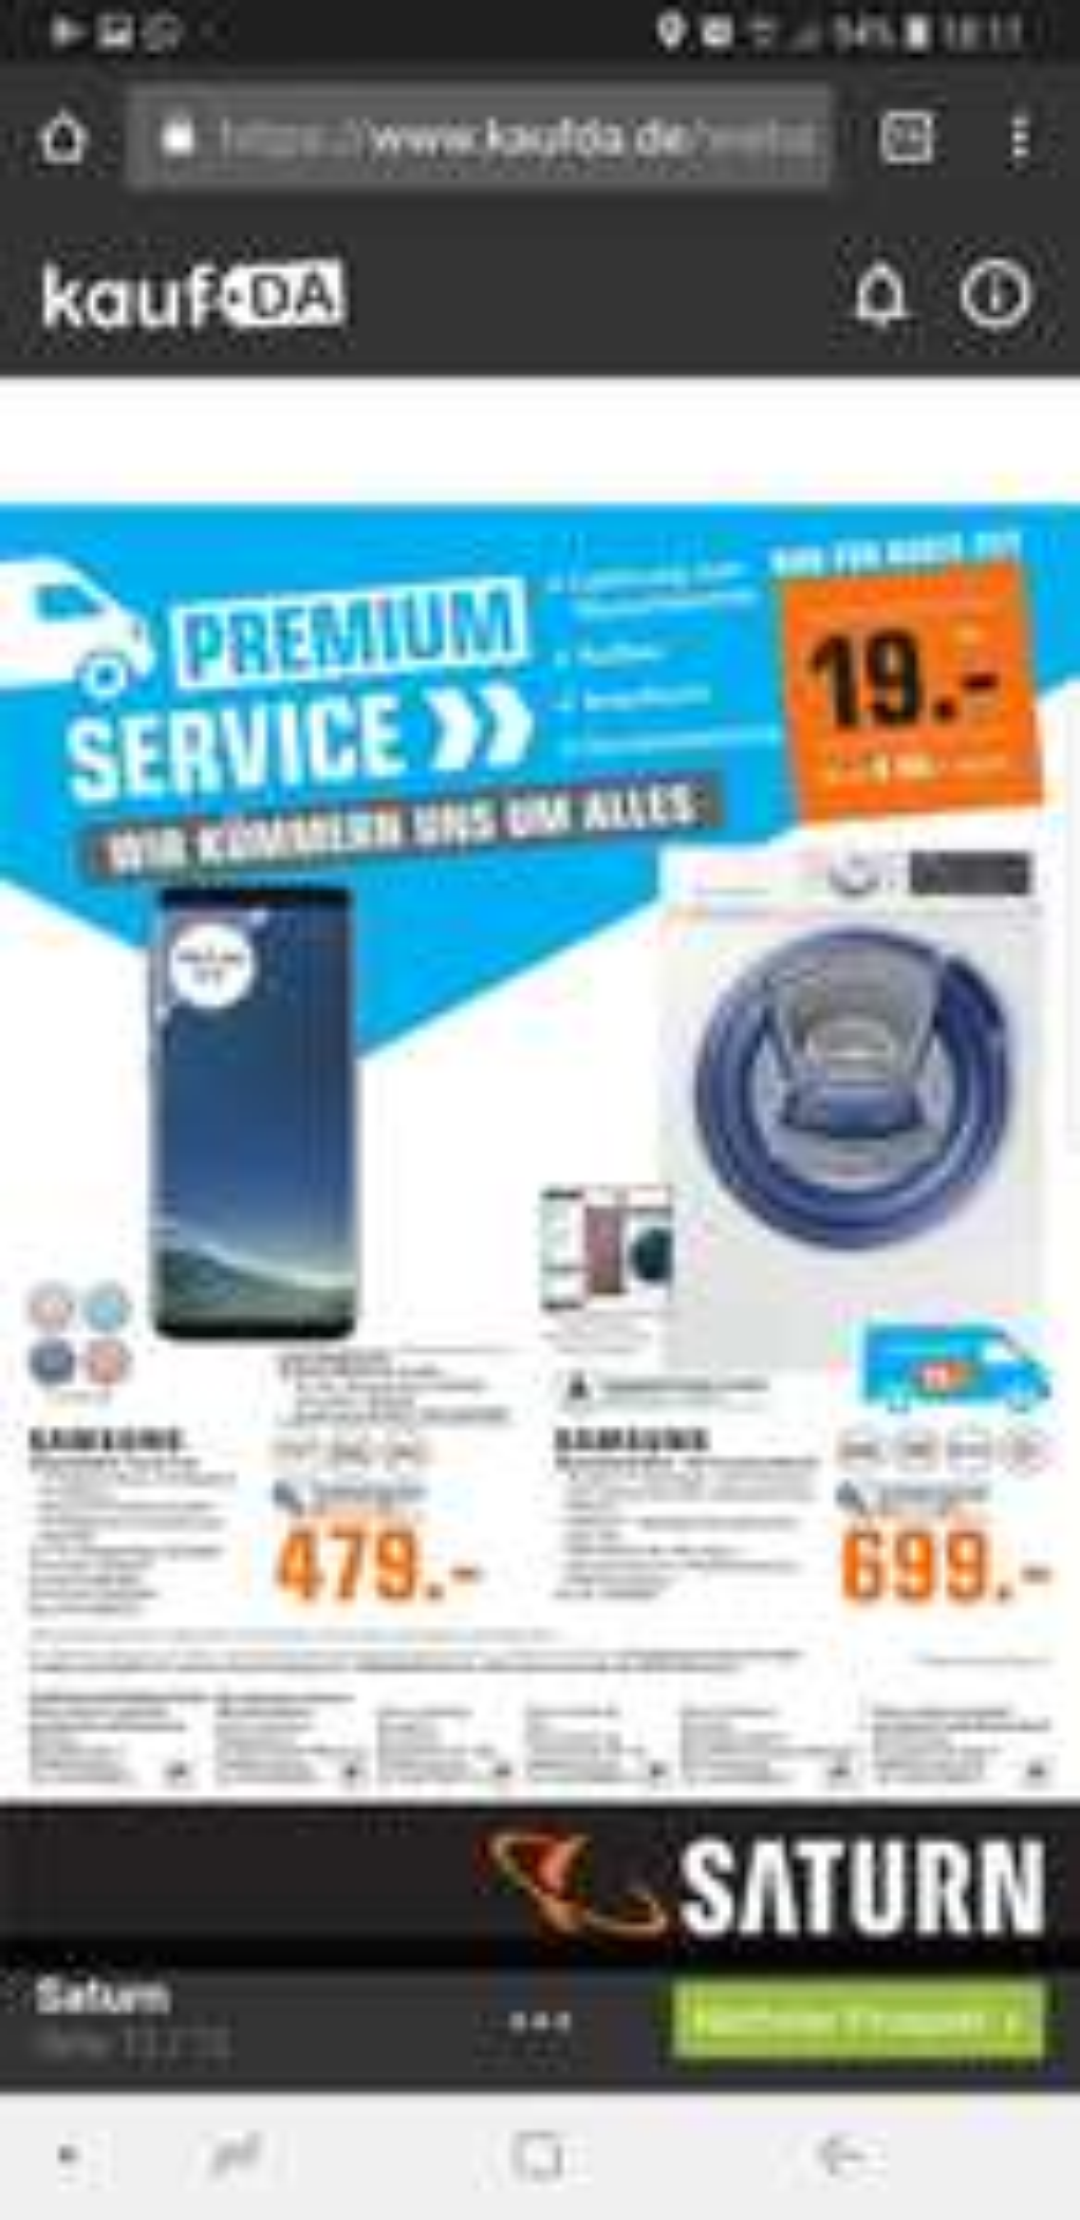 Samsung S8 für 479 Euro ( Lokal Hamburg)